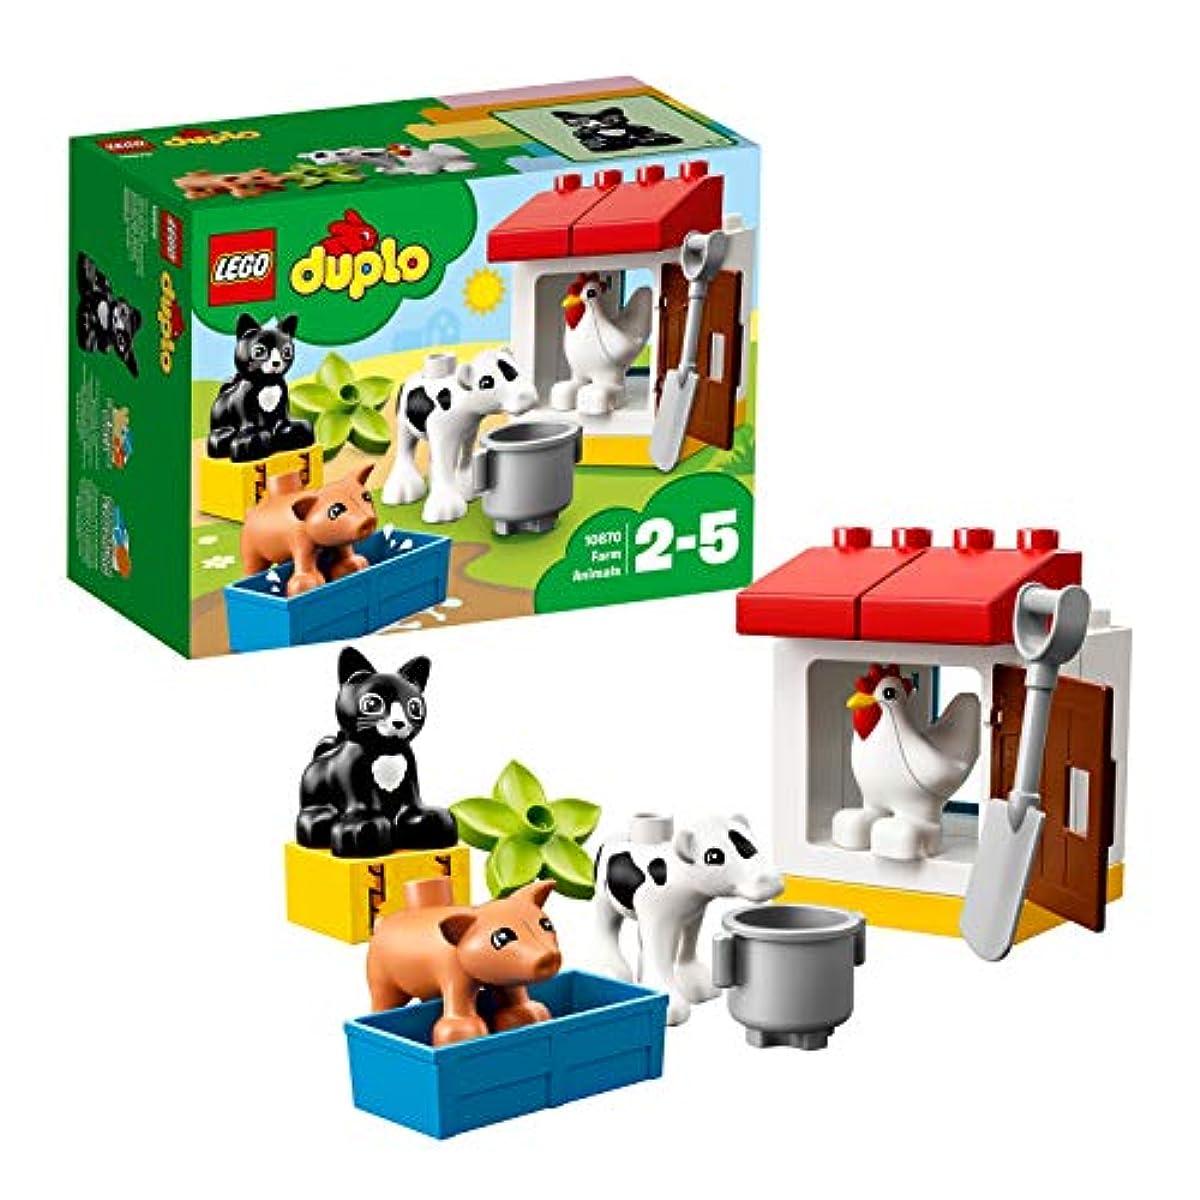 [해외] 레고(LEGO) 듀플로 나 하 # 우노 동물 들 10870